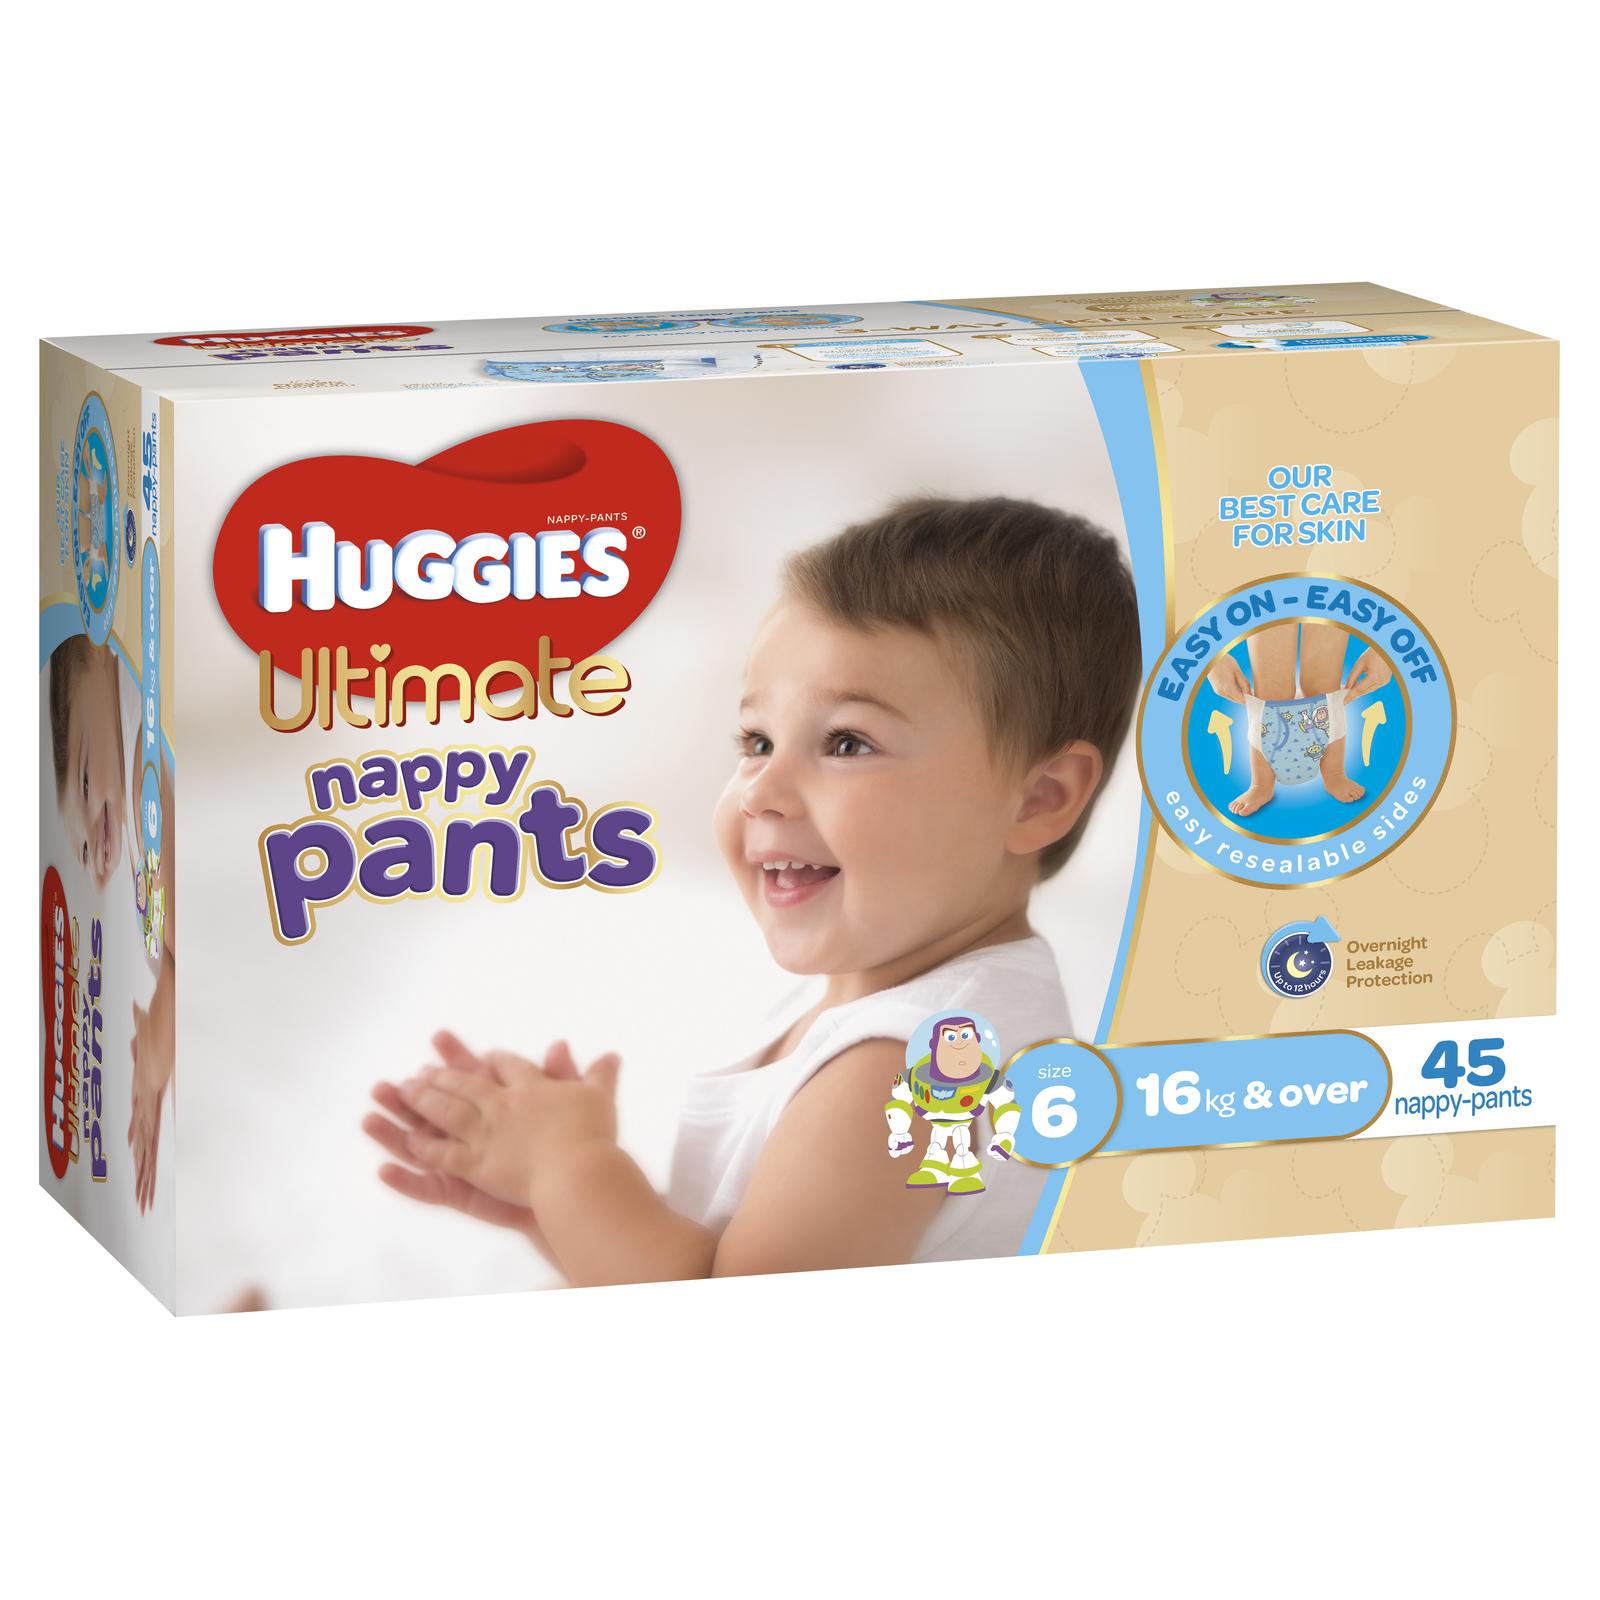 Huggies Ultimate Nappy Pants: Jumbo Pack - Junior Boy 16kg+ (45) image